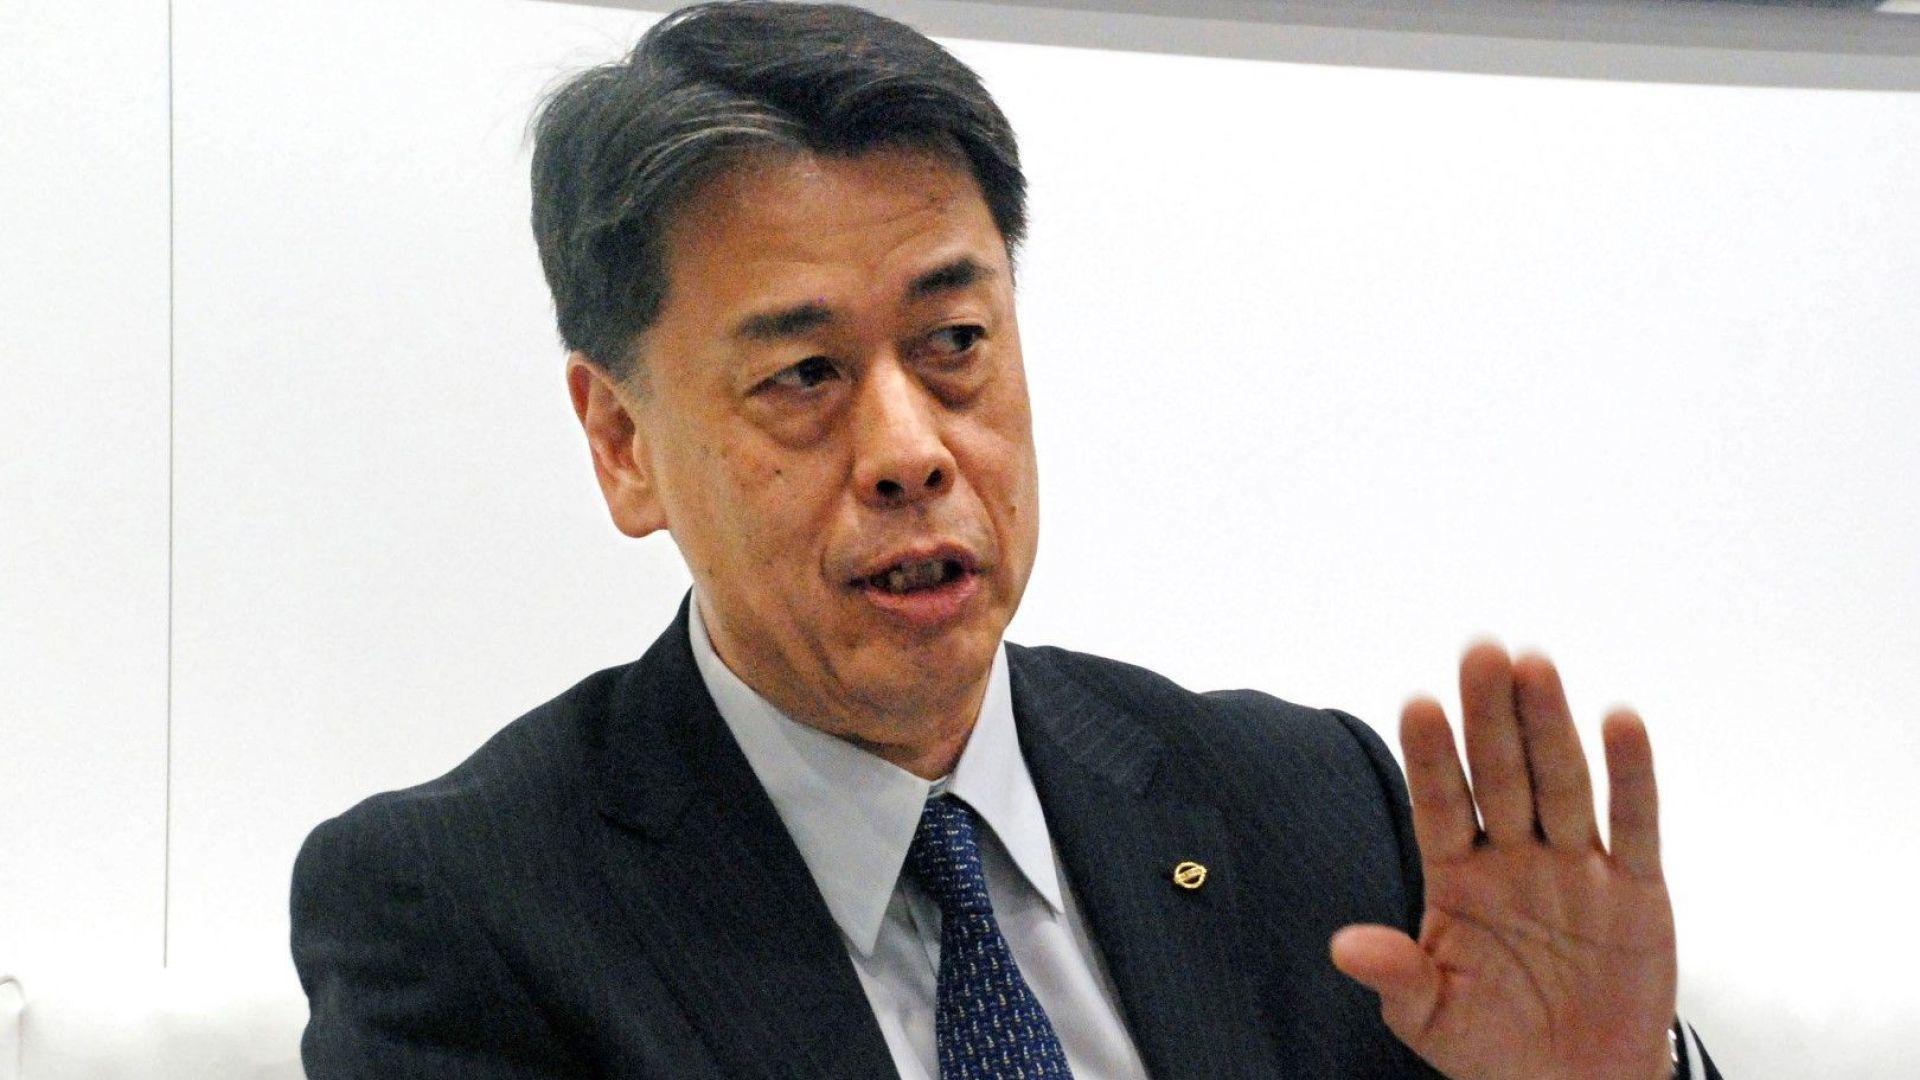 Макото Учида е новият главен изпълнителен директор на Нисан